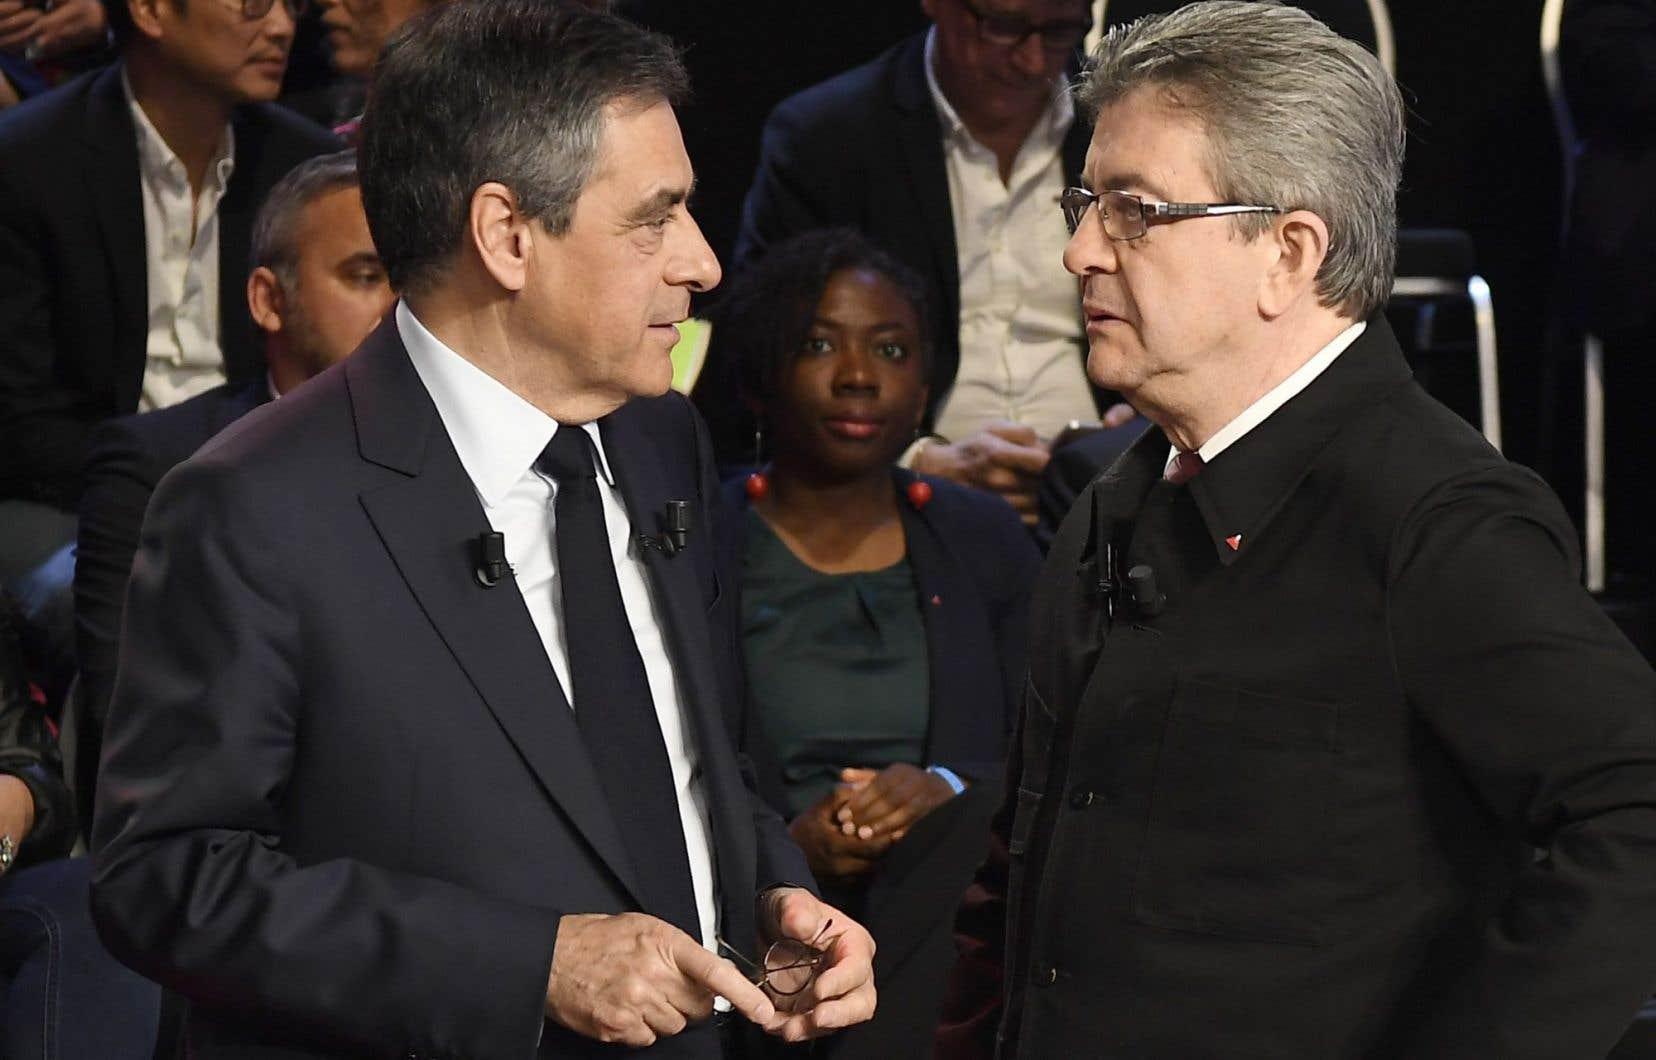 Les candidats à la présidentielle française François Fillon etJean-Luc Mélenchon